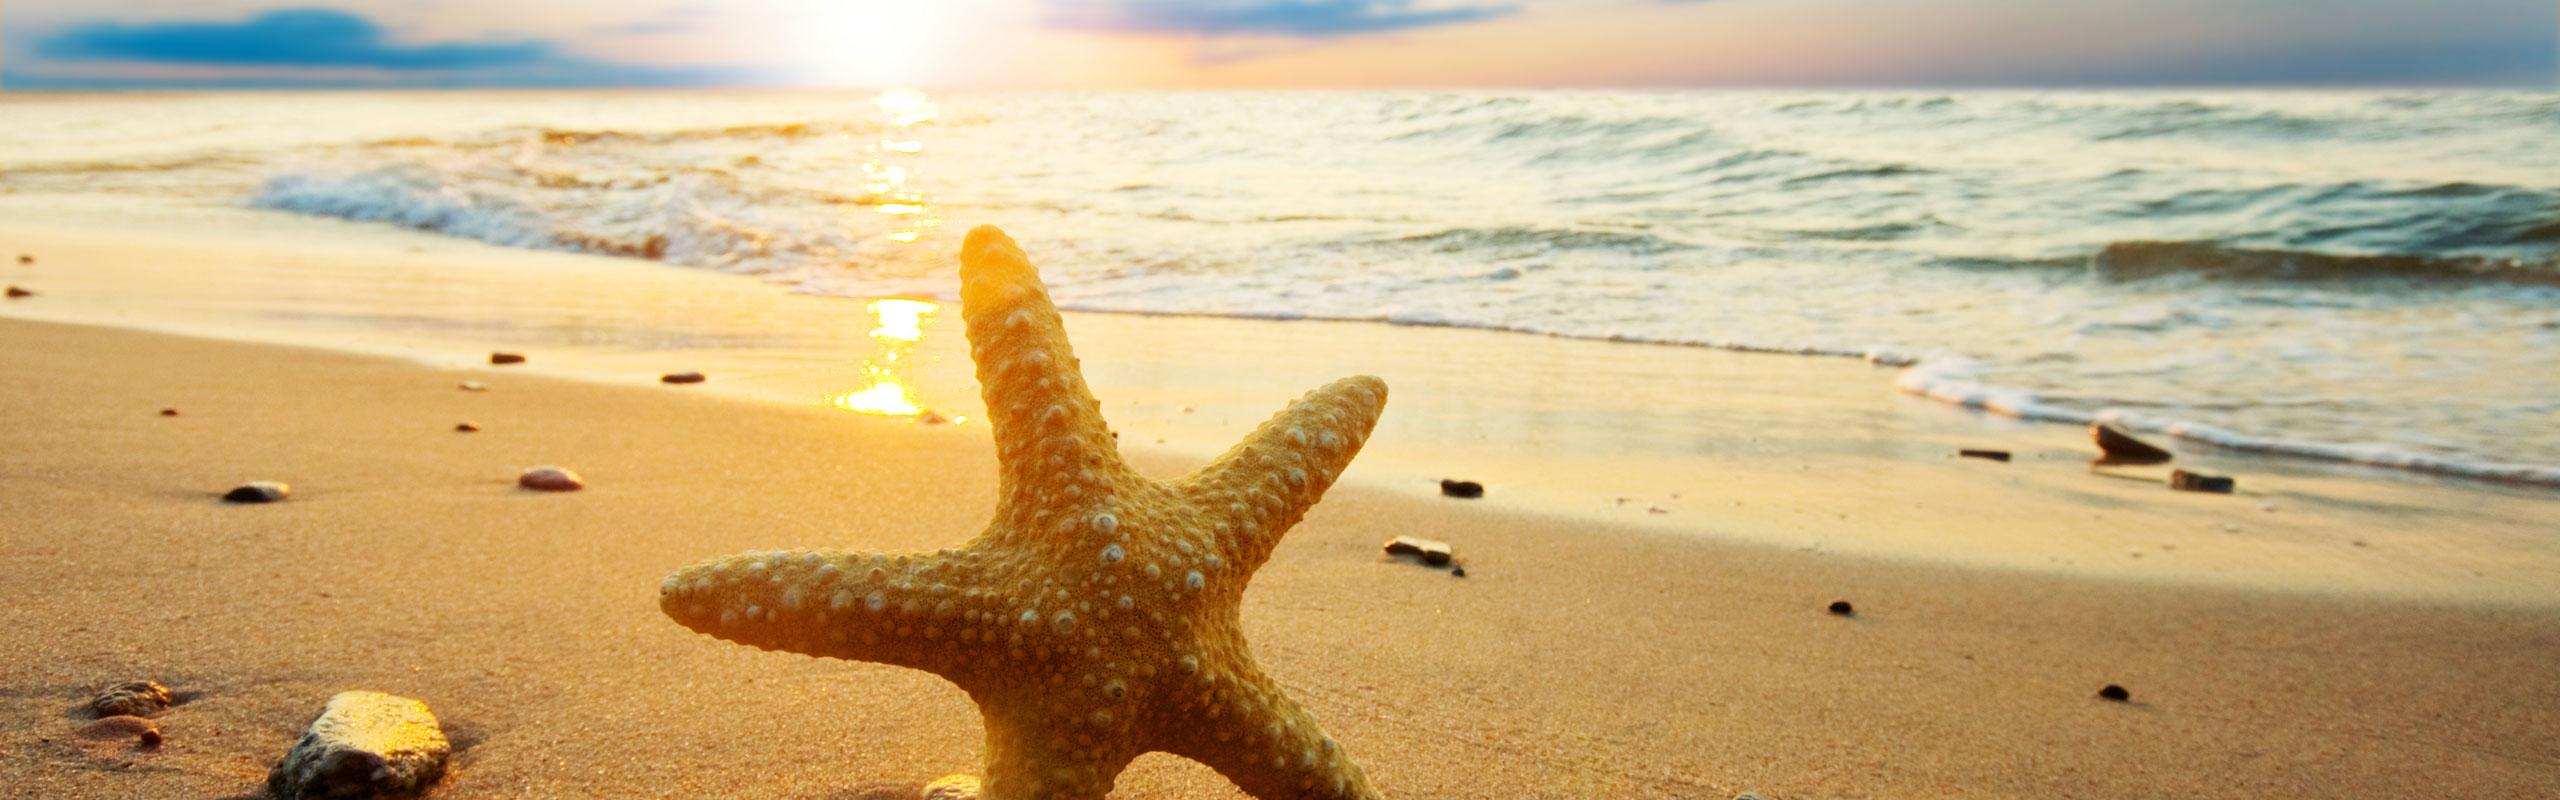 Ein tolles Programm hat FTI für den Urlaubssommer 2020 zusammen gestellt.